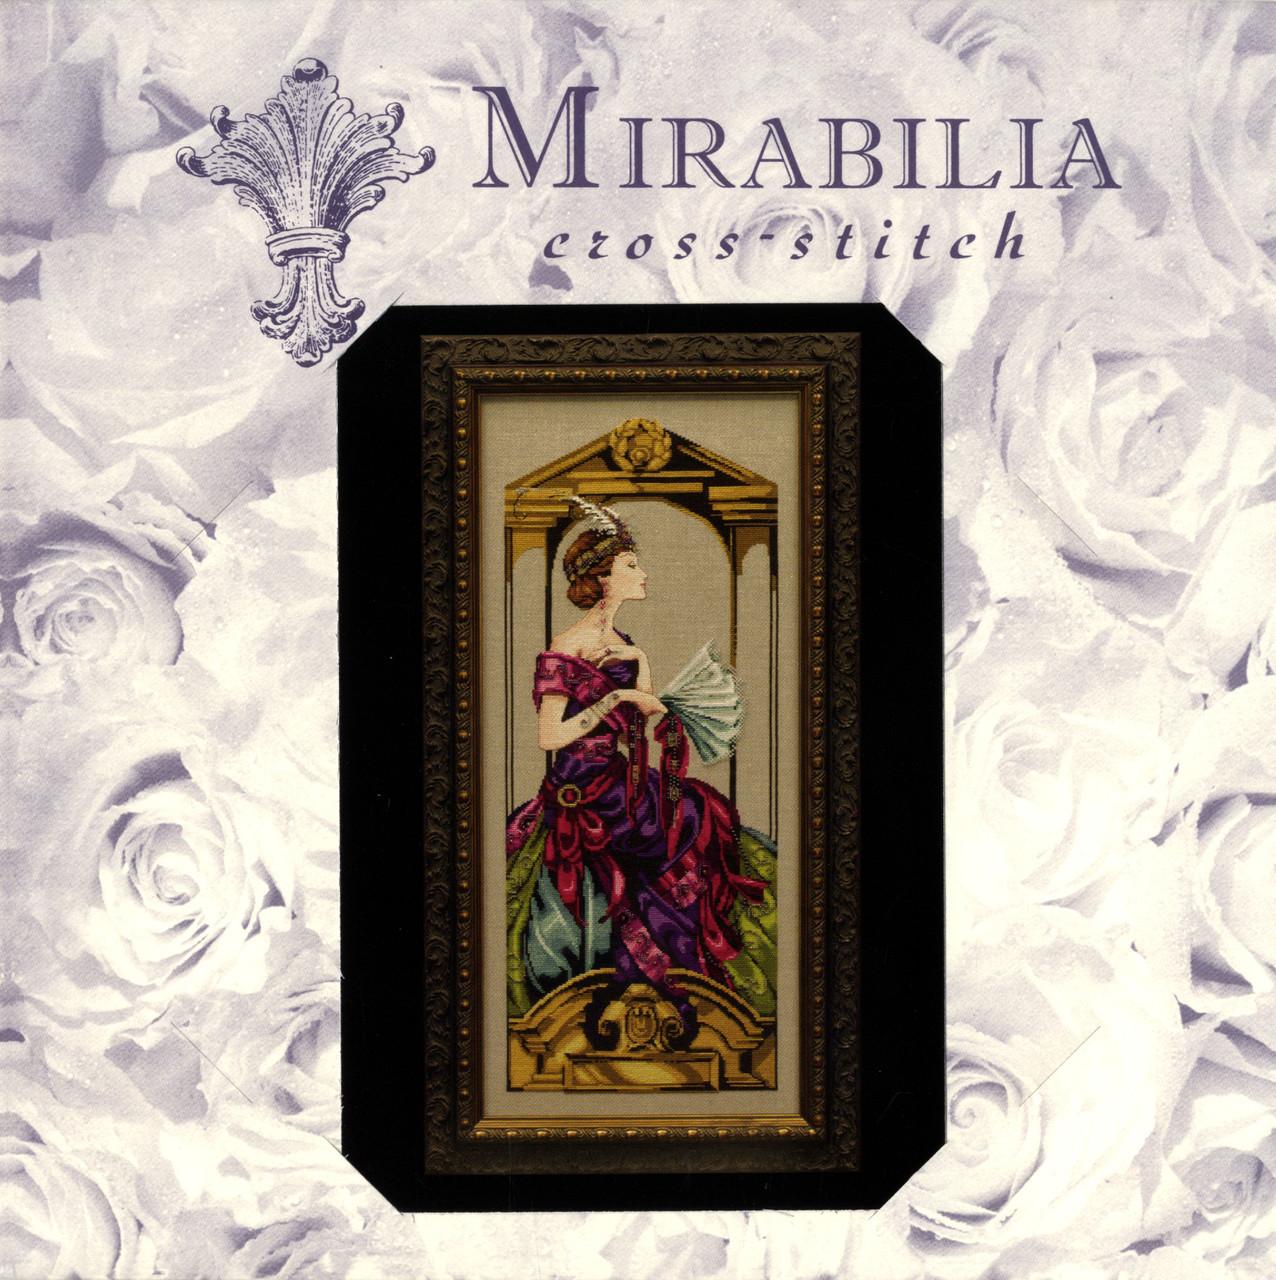 Mirabilia - Venetian Opulence